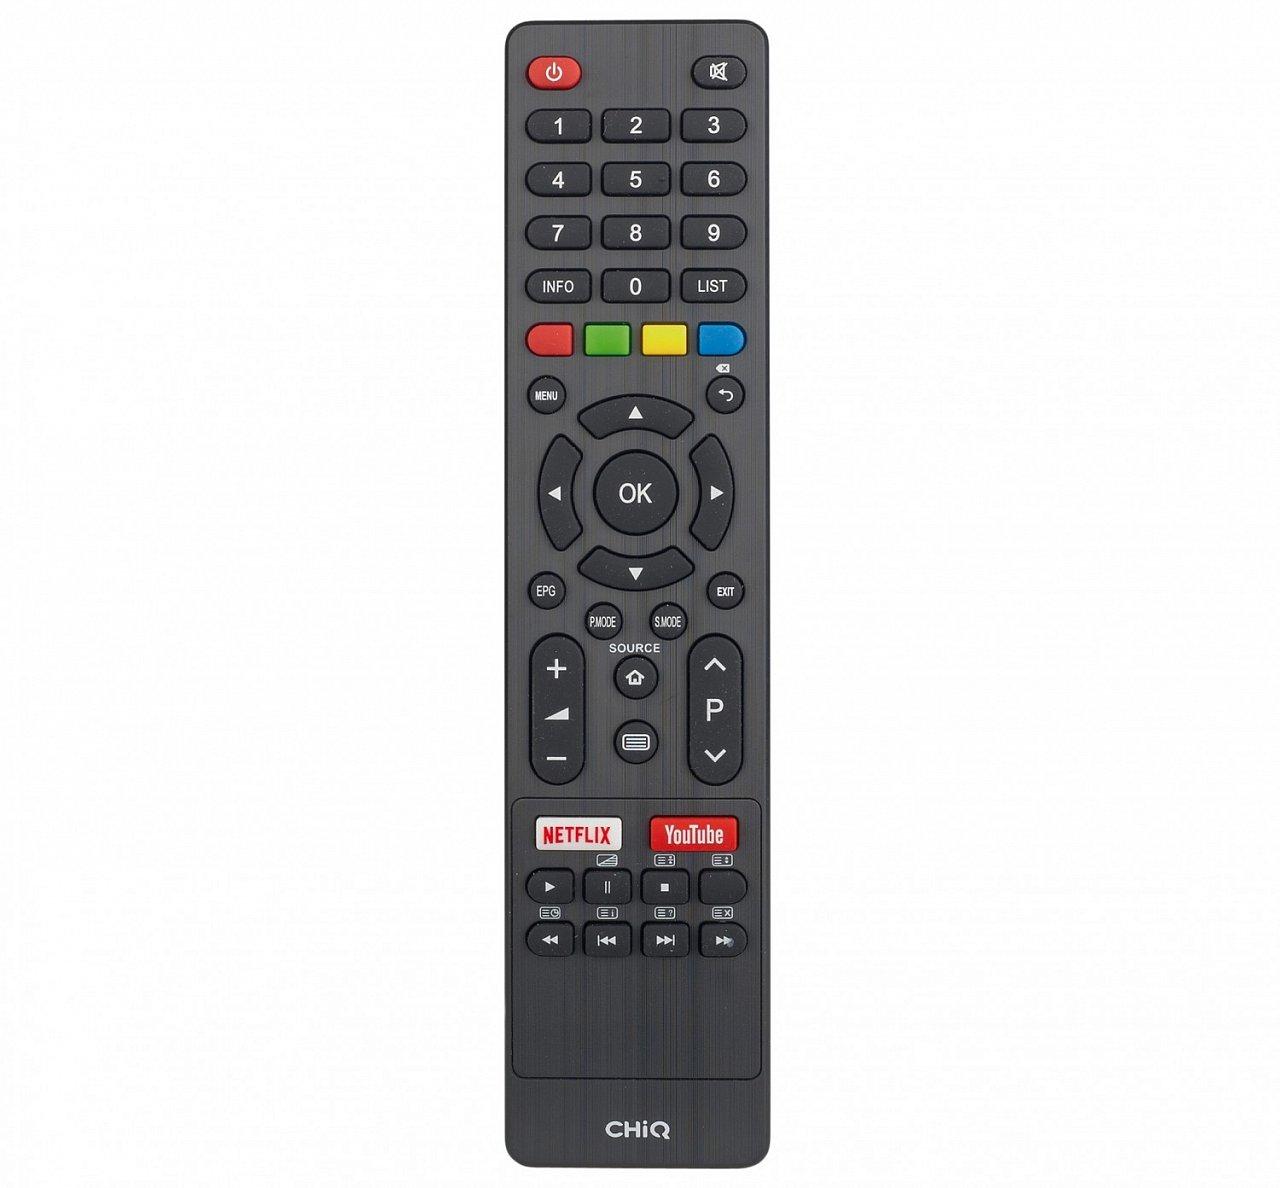 CHiQ L32H7L/N, CHiQ U43H7L/N, CHiQ U50H7L/N, CHiQ U55H7L/N, CHiQ U58G7N  originální dálkový ovladač